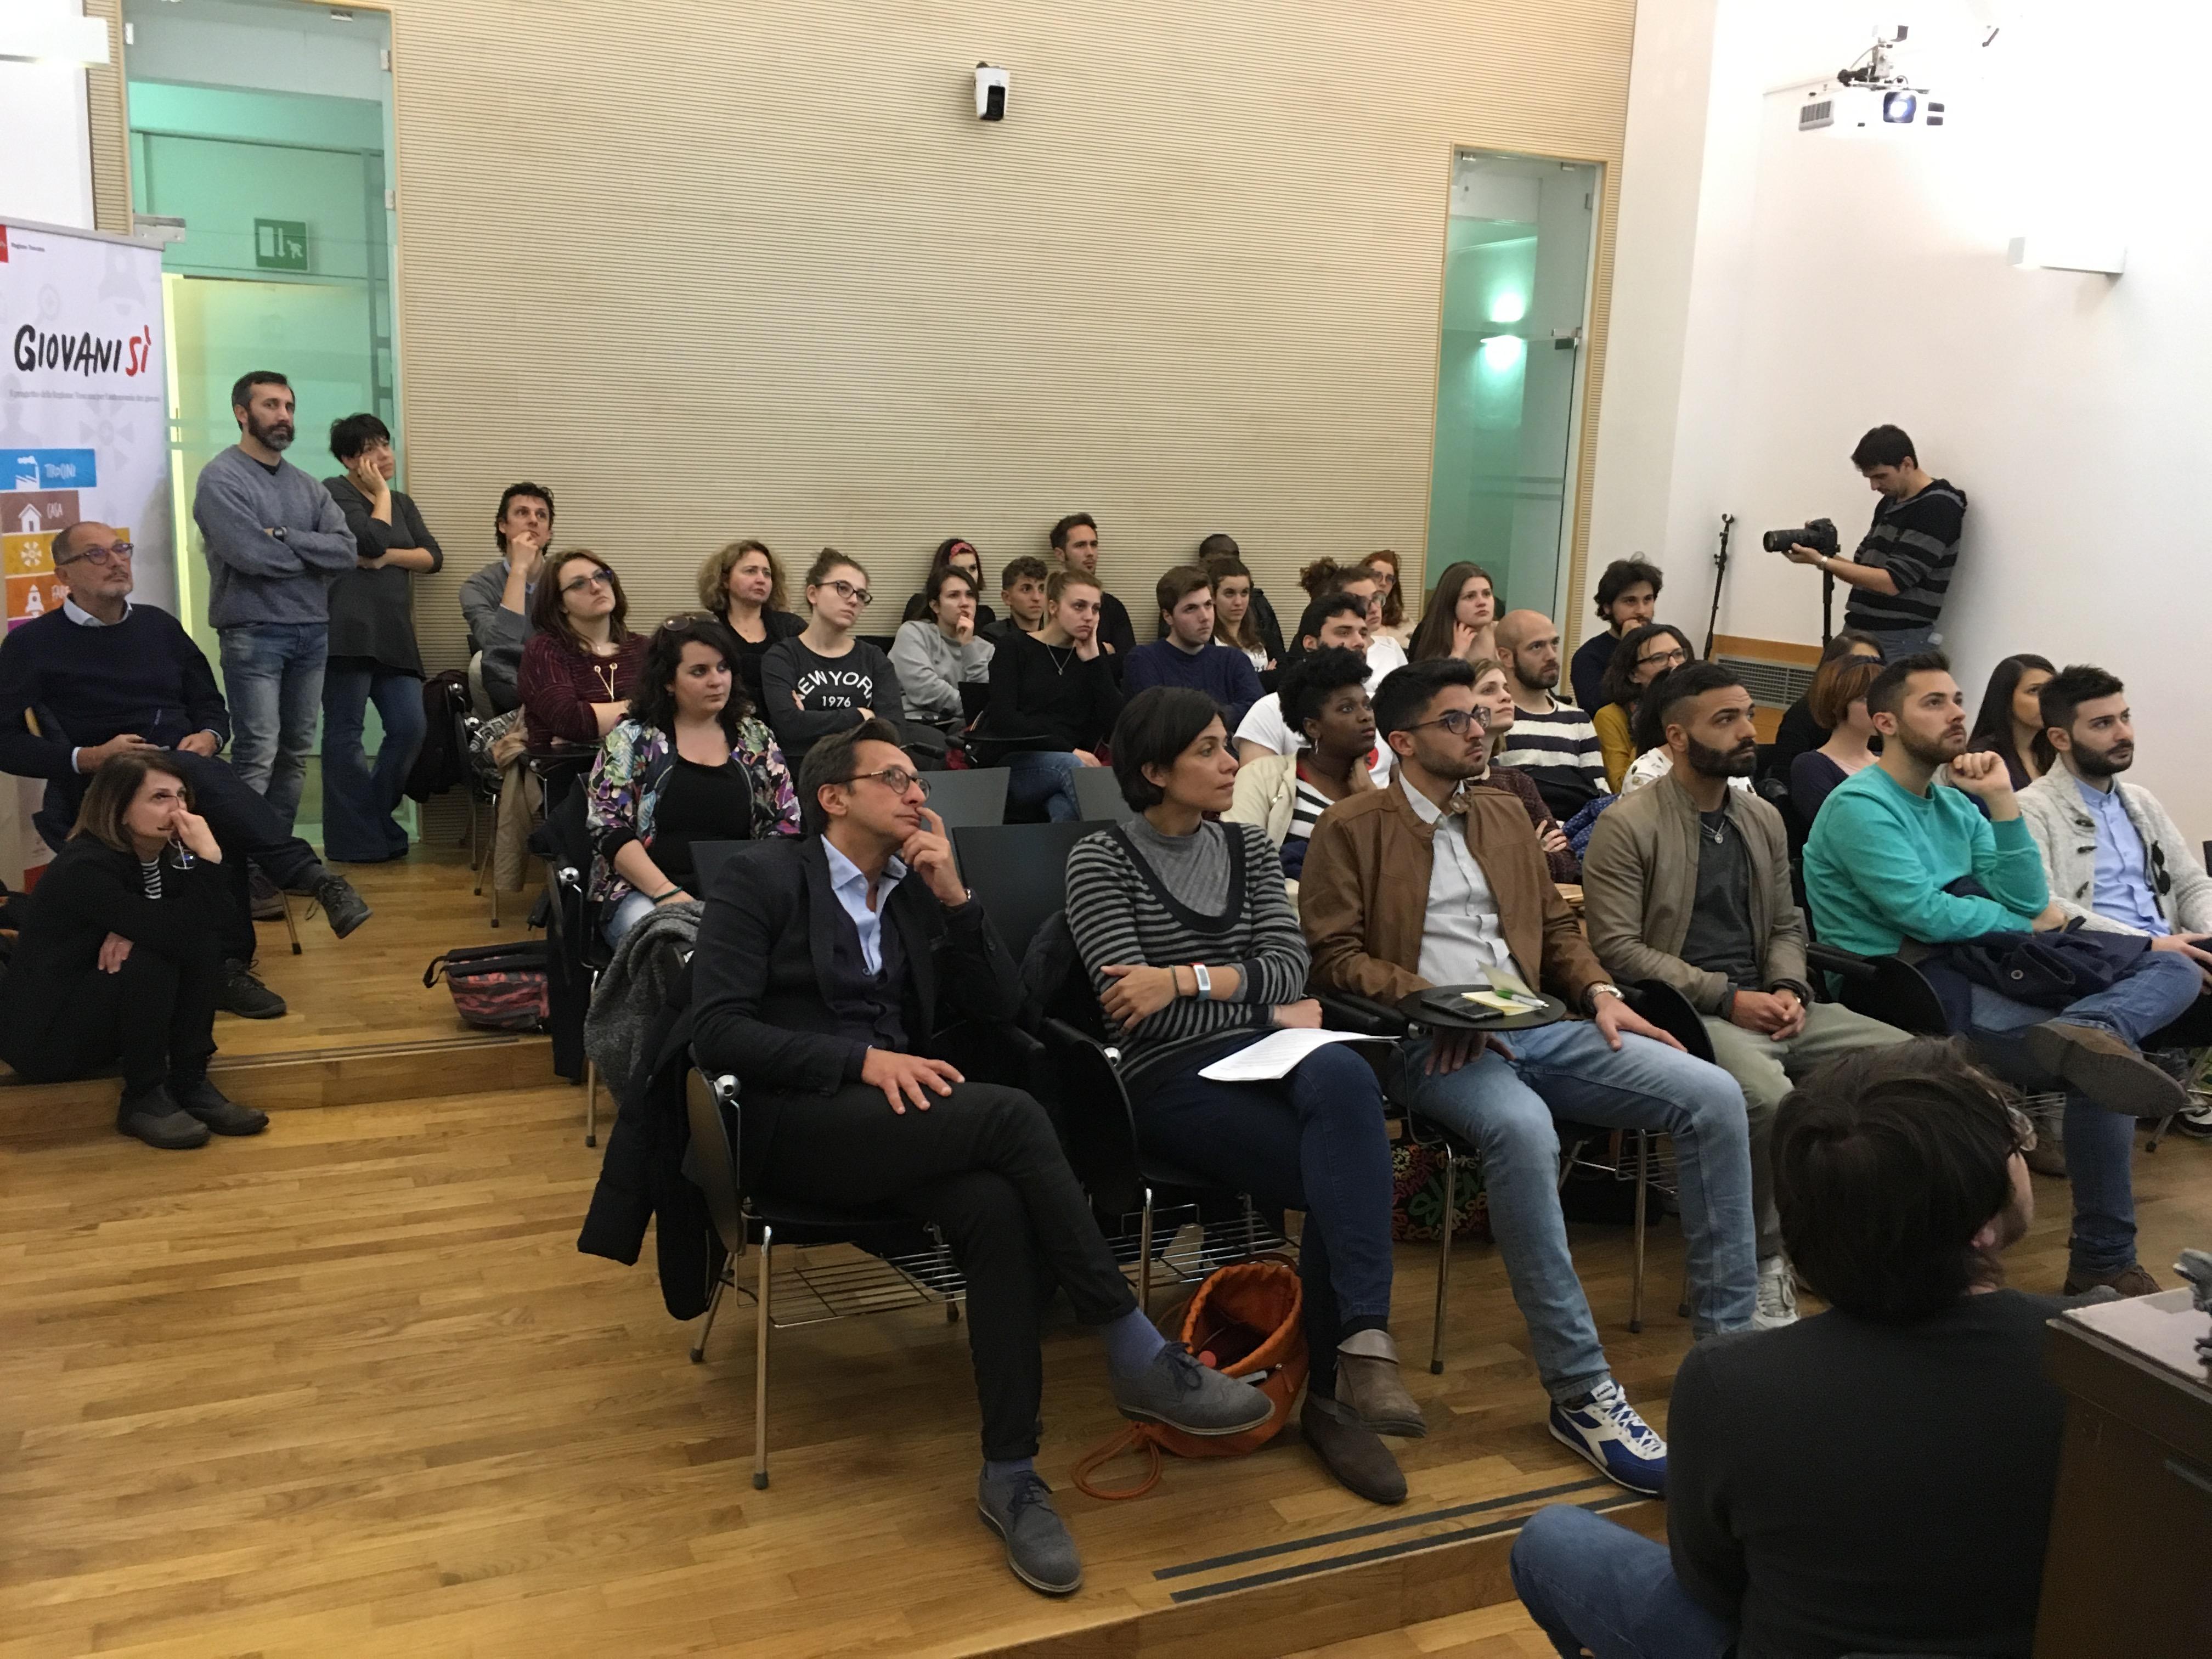 #Giovanisìtour17 a Siena: rivivi l&#8217;evento con video, foto e social <div class='giovanisi-subtitle'>Next stop: 25 maggio, Rosignano (Castiglioncello - LI)</div>